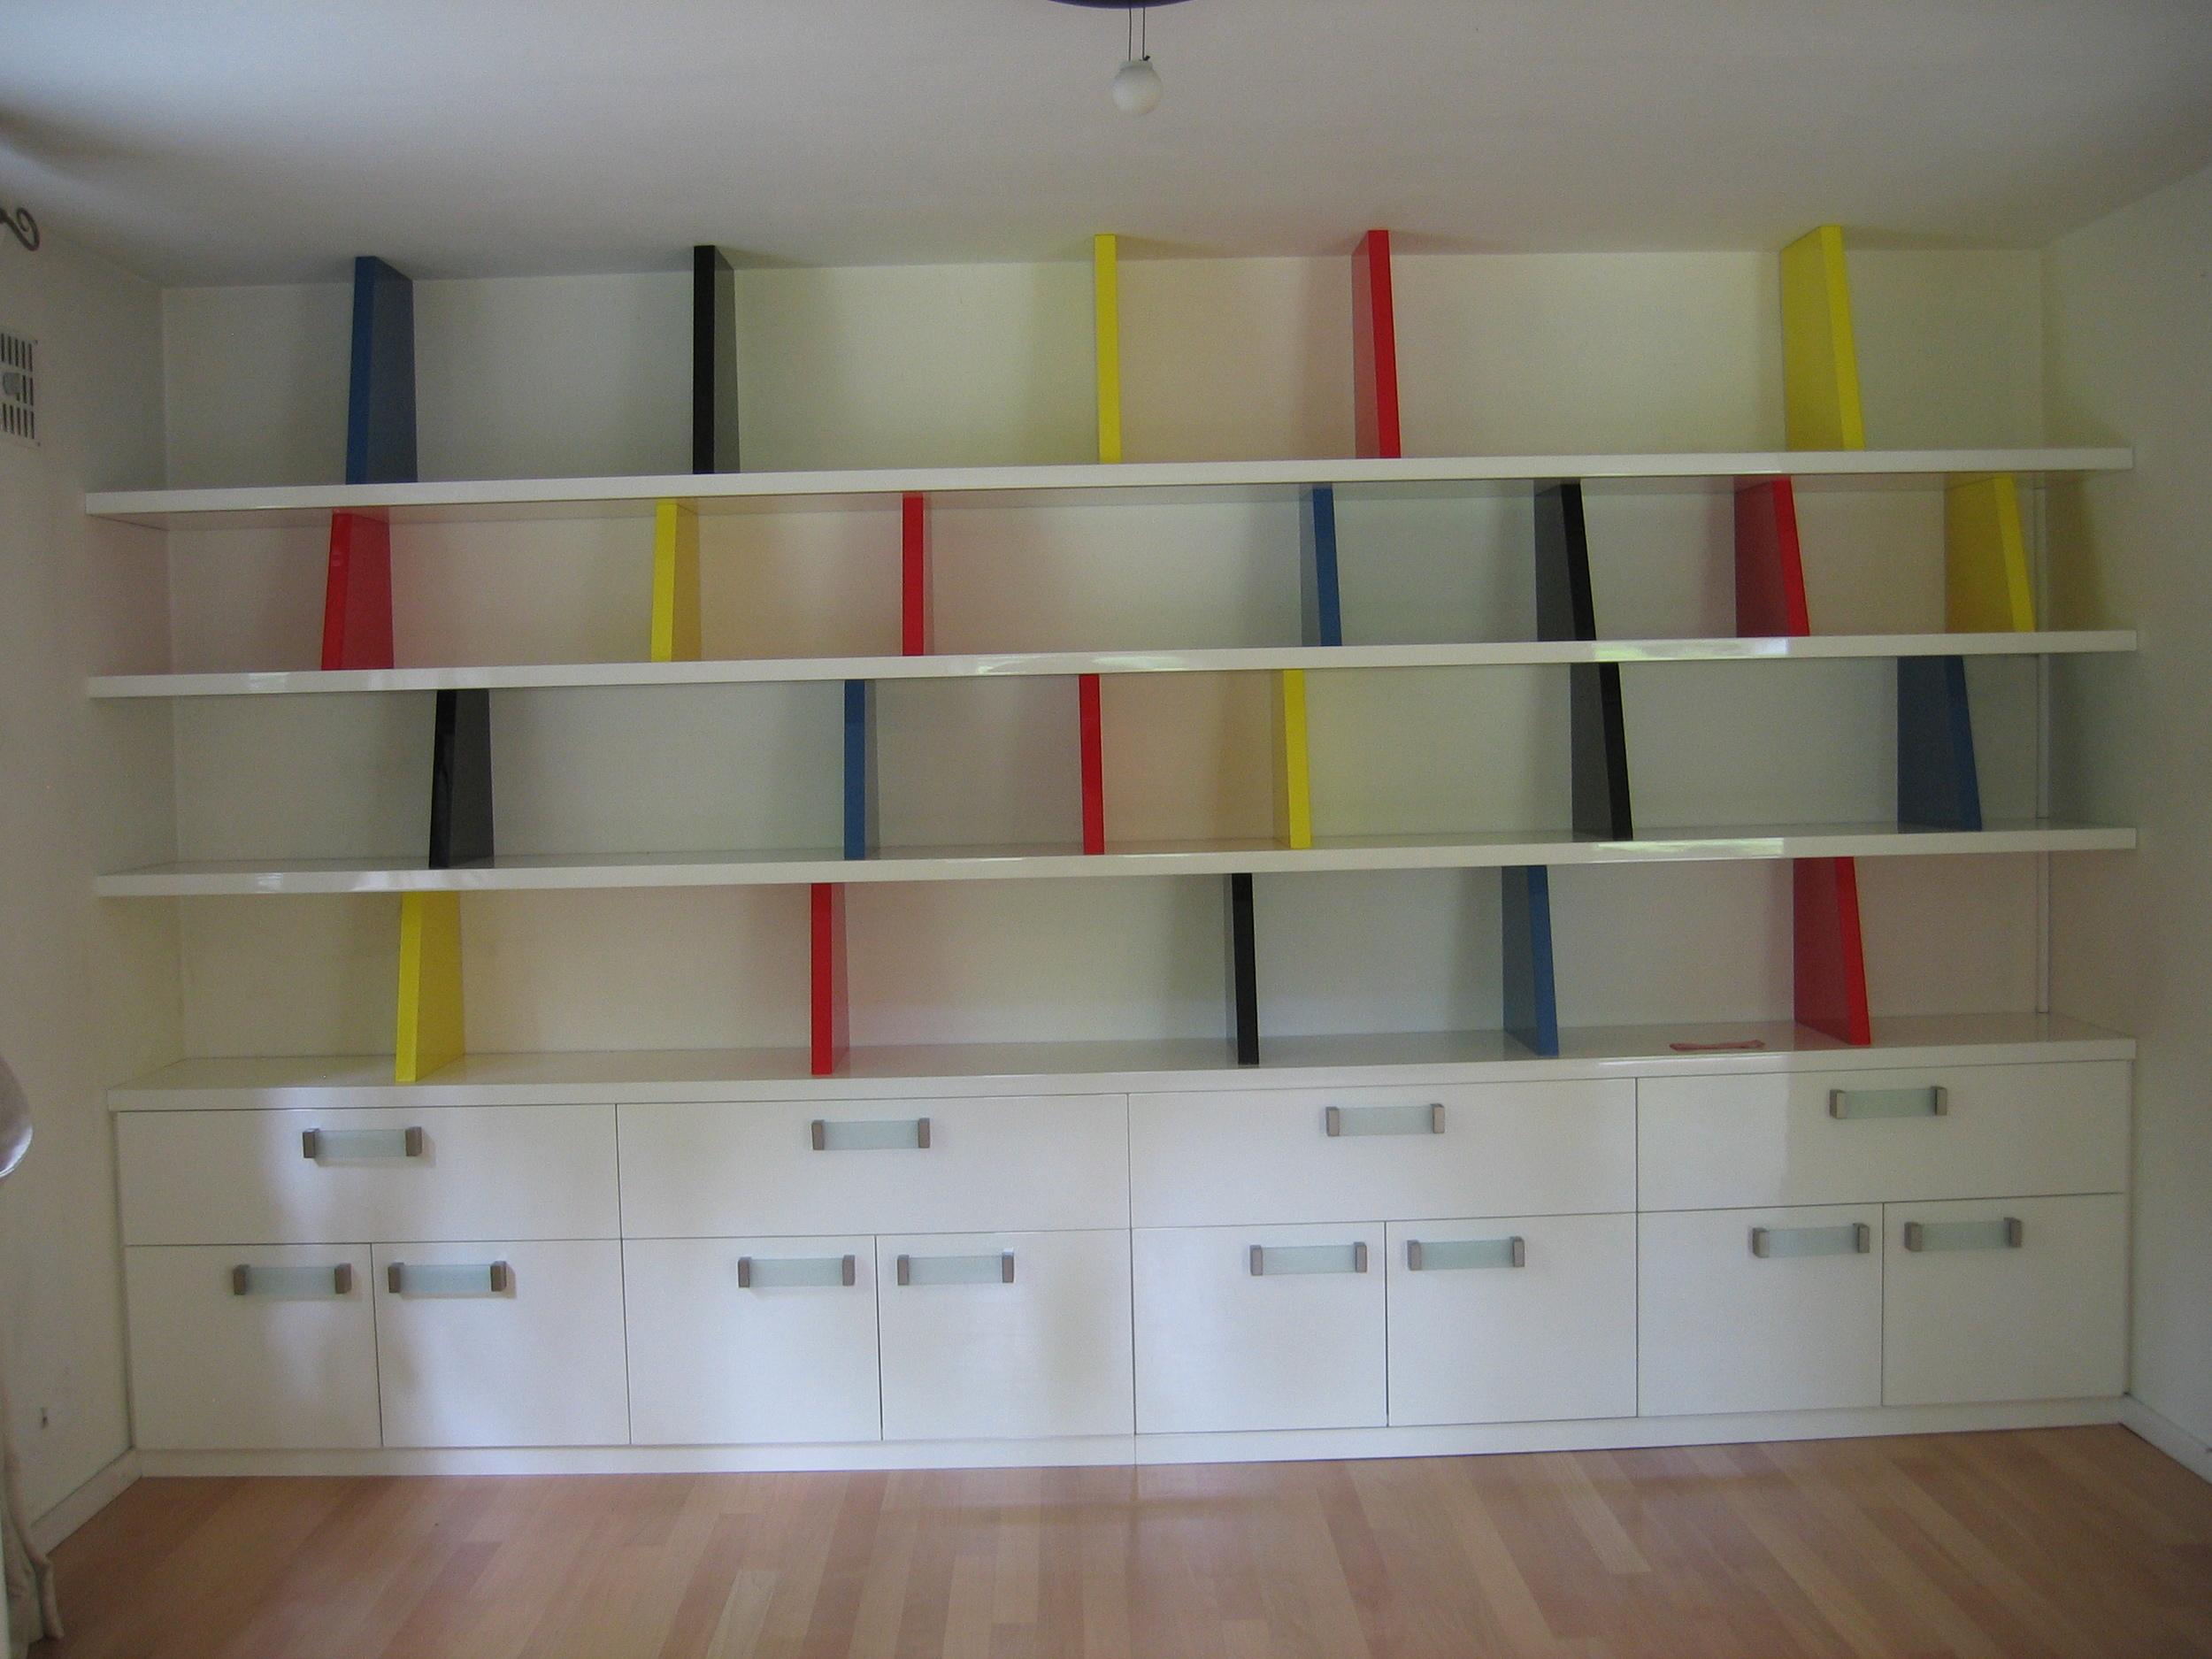 boekenwand van hoogglans gespoten mdf, met opbergruimte in lades en achter deurtjes